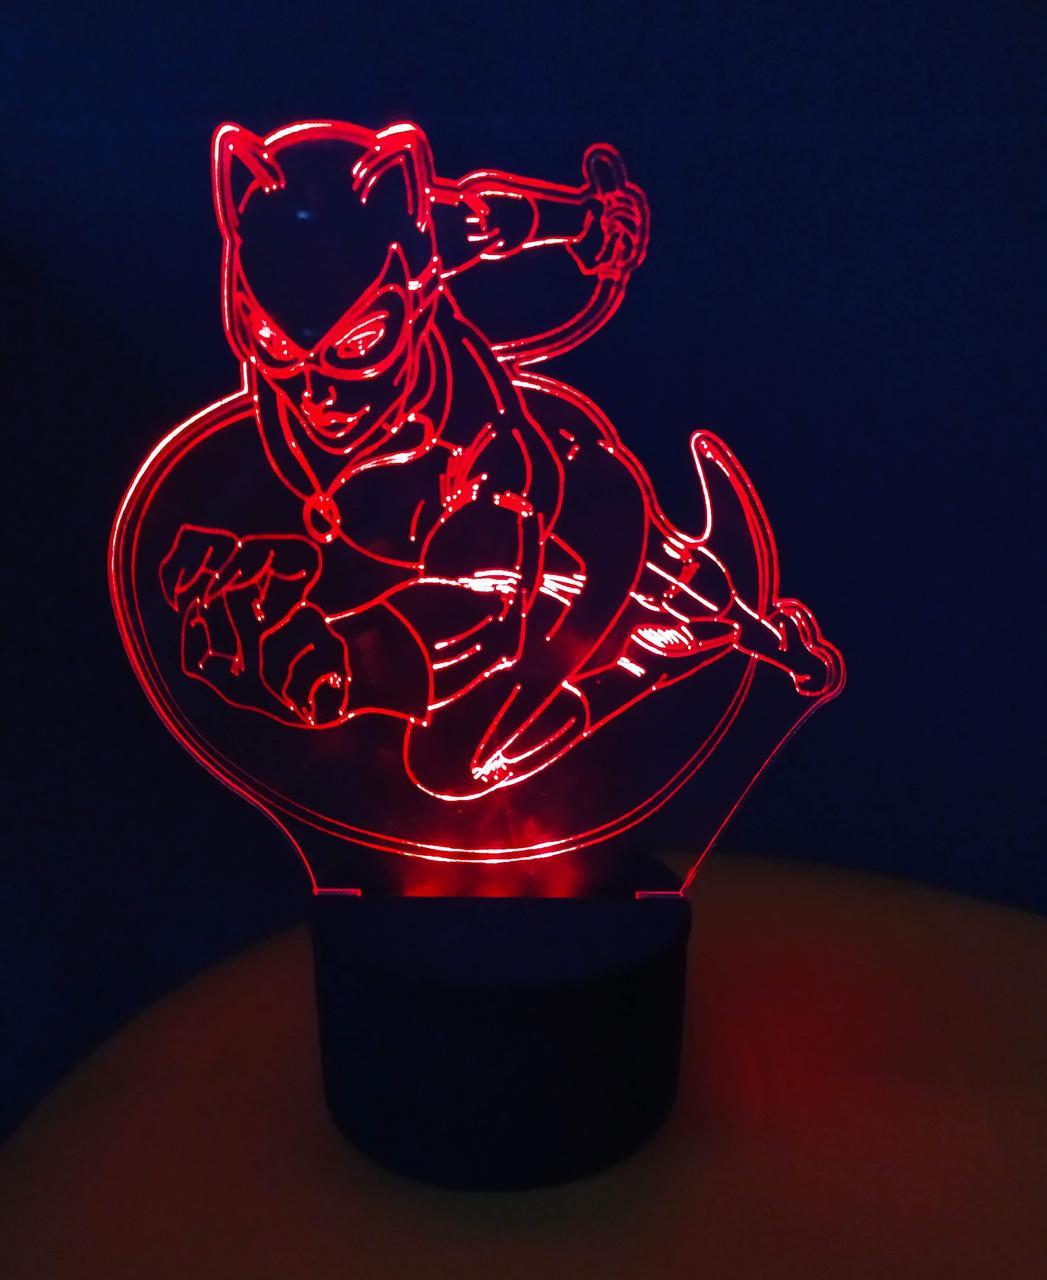 3d-светильник Женщина-кошка, Catwoman, 3д-ночник, несколько подсветок (батарейка+220В))